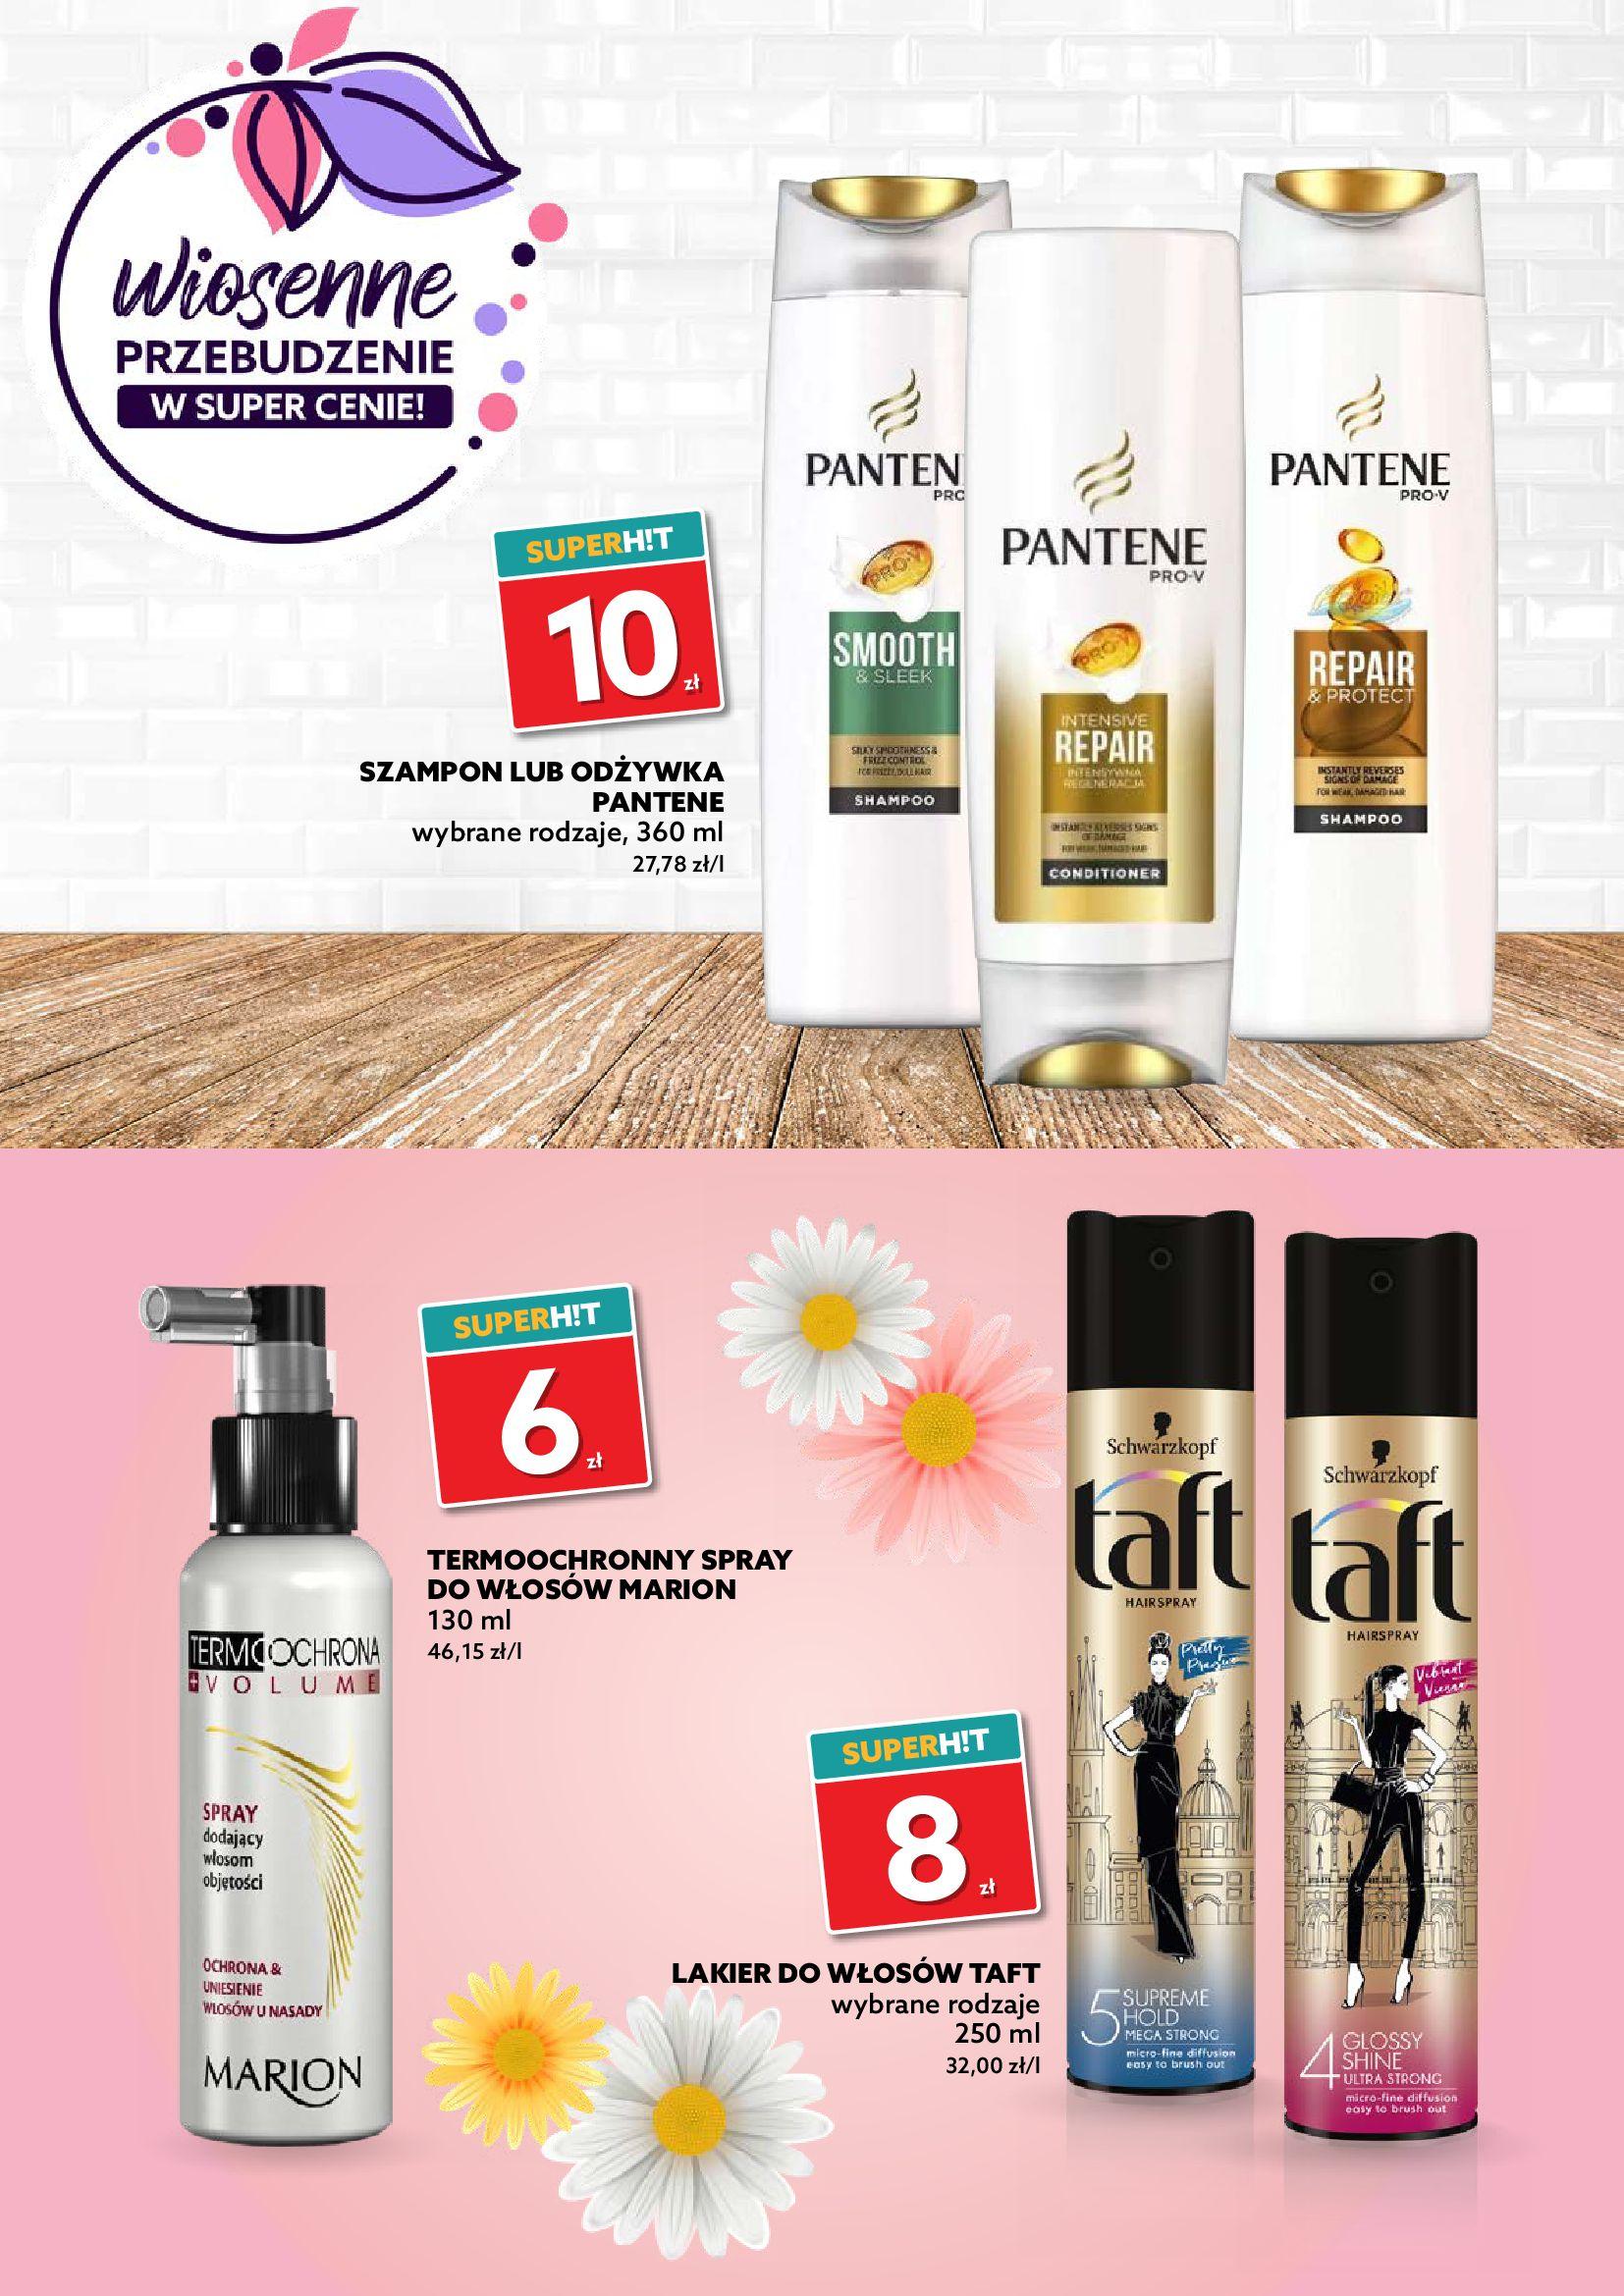 Gazetka Dealz : Gazetka Dobre marki. Super ceny. Zawsze! 2021-04-05 page-3